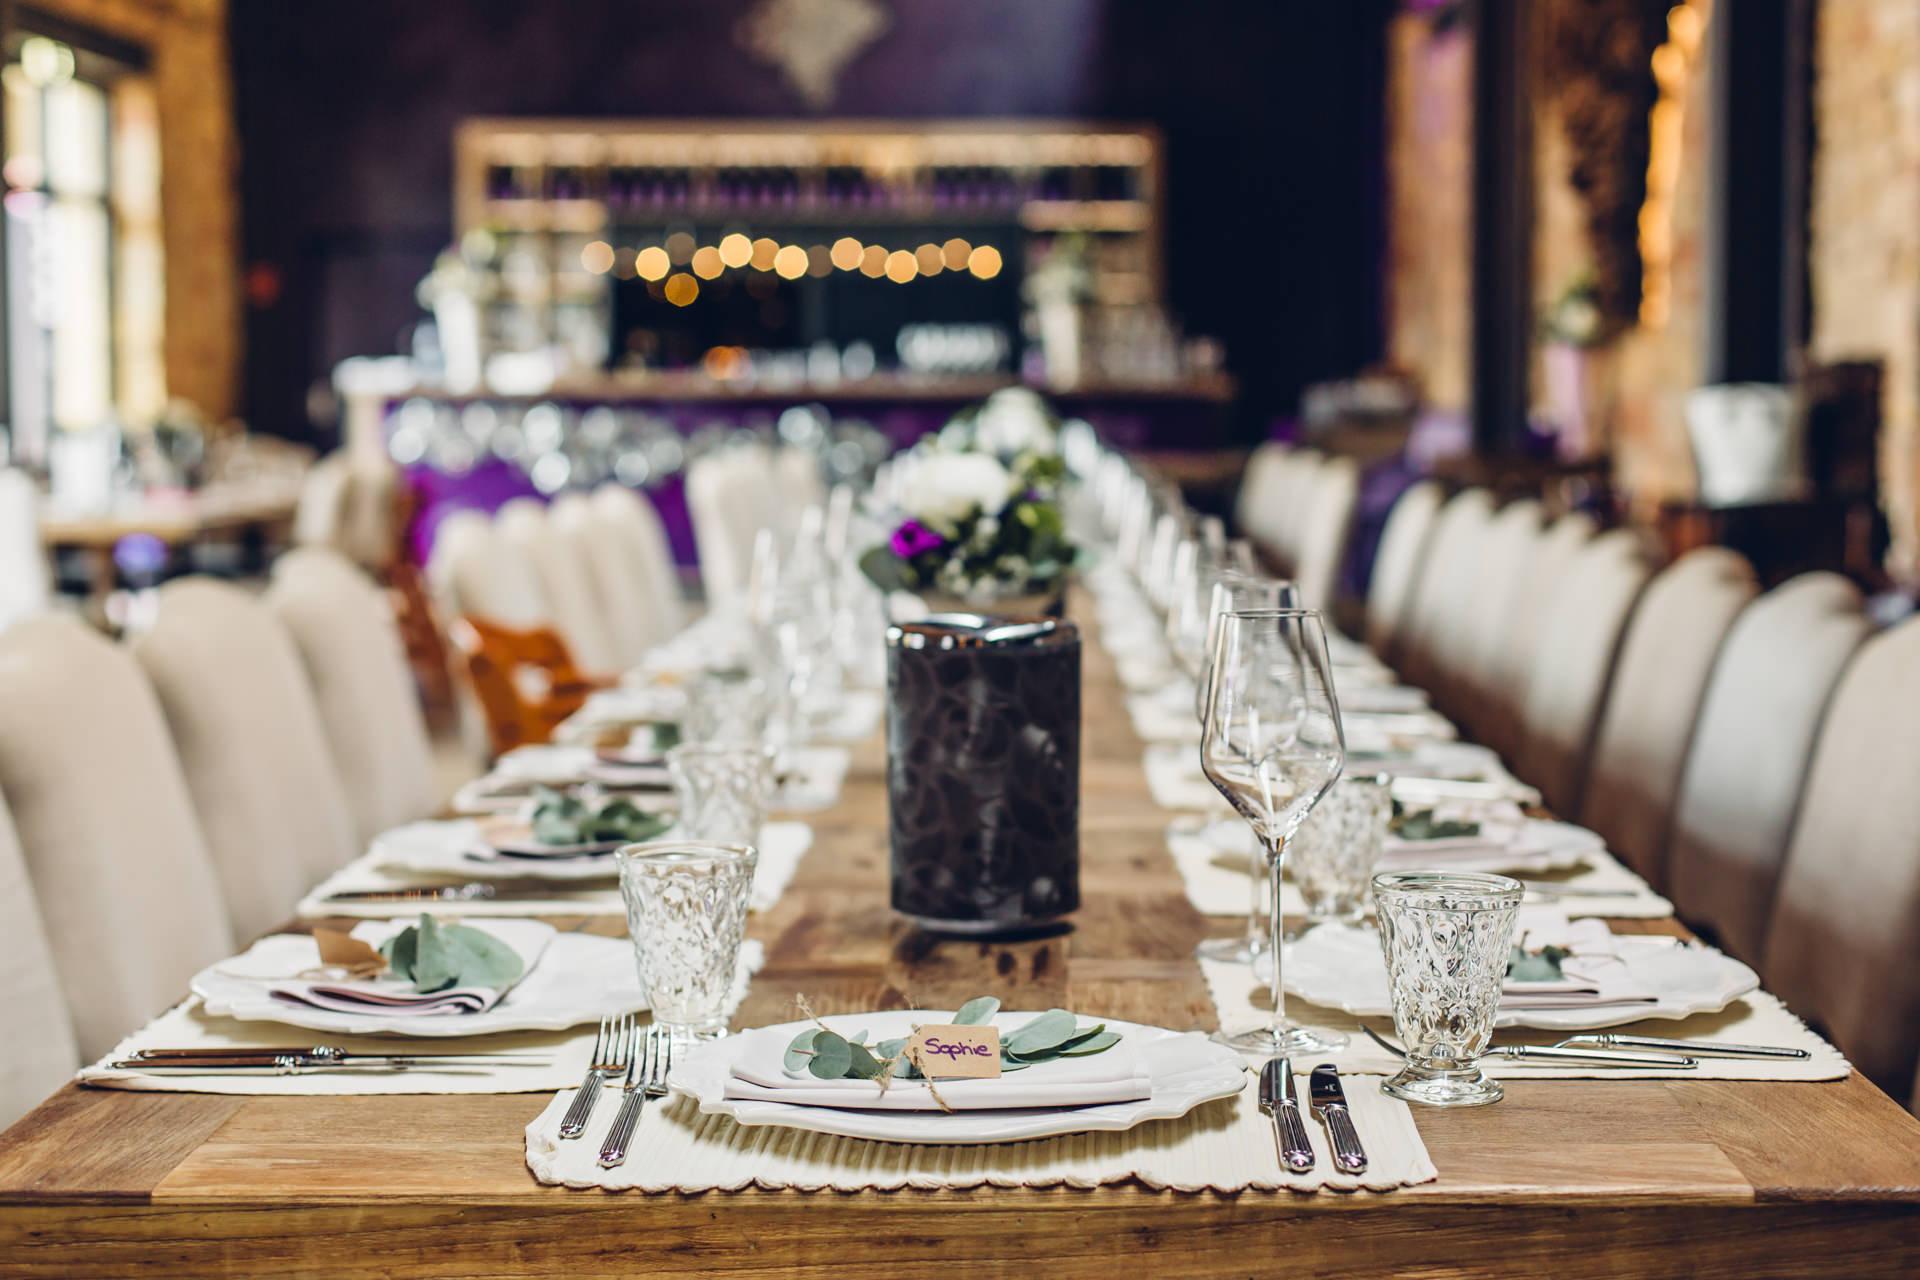 Tischsetting in der wunderschönen Hochzeitslocation Weingut am Nil in Kallstadt Pfalz